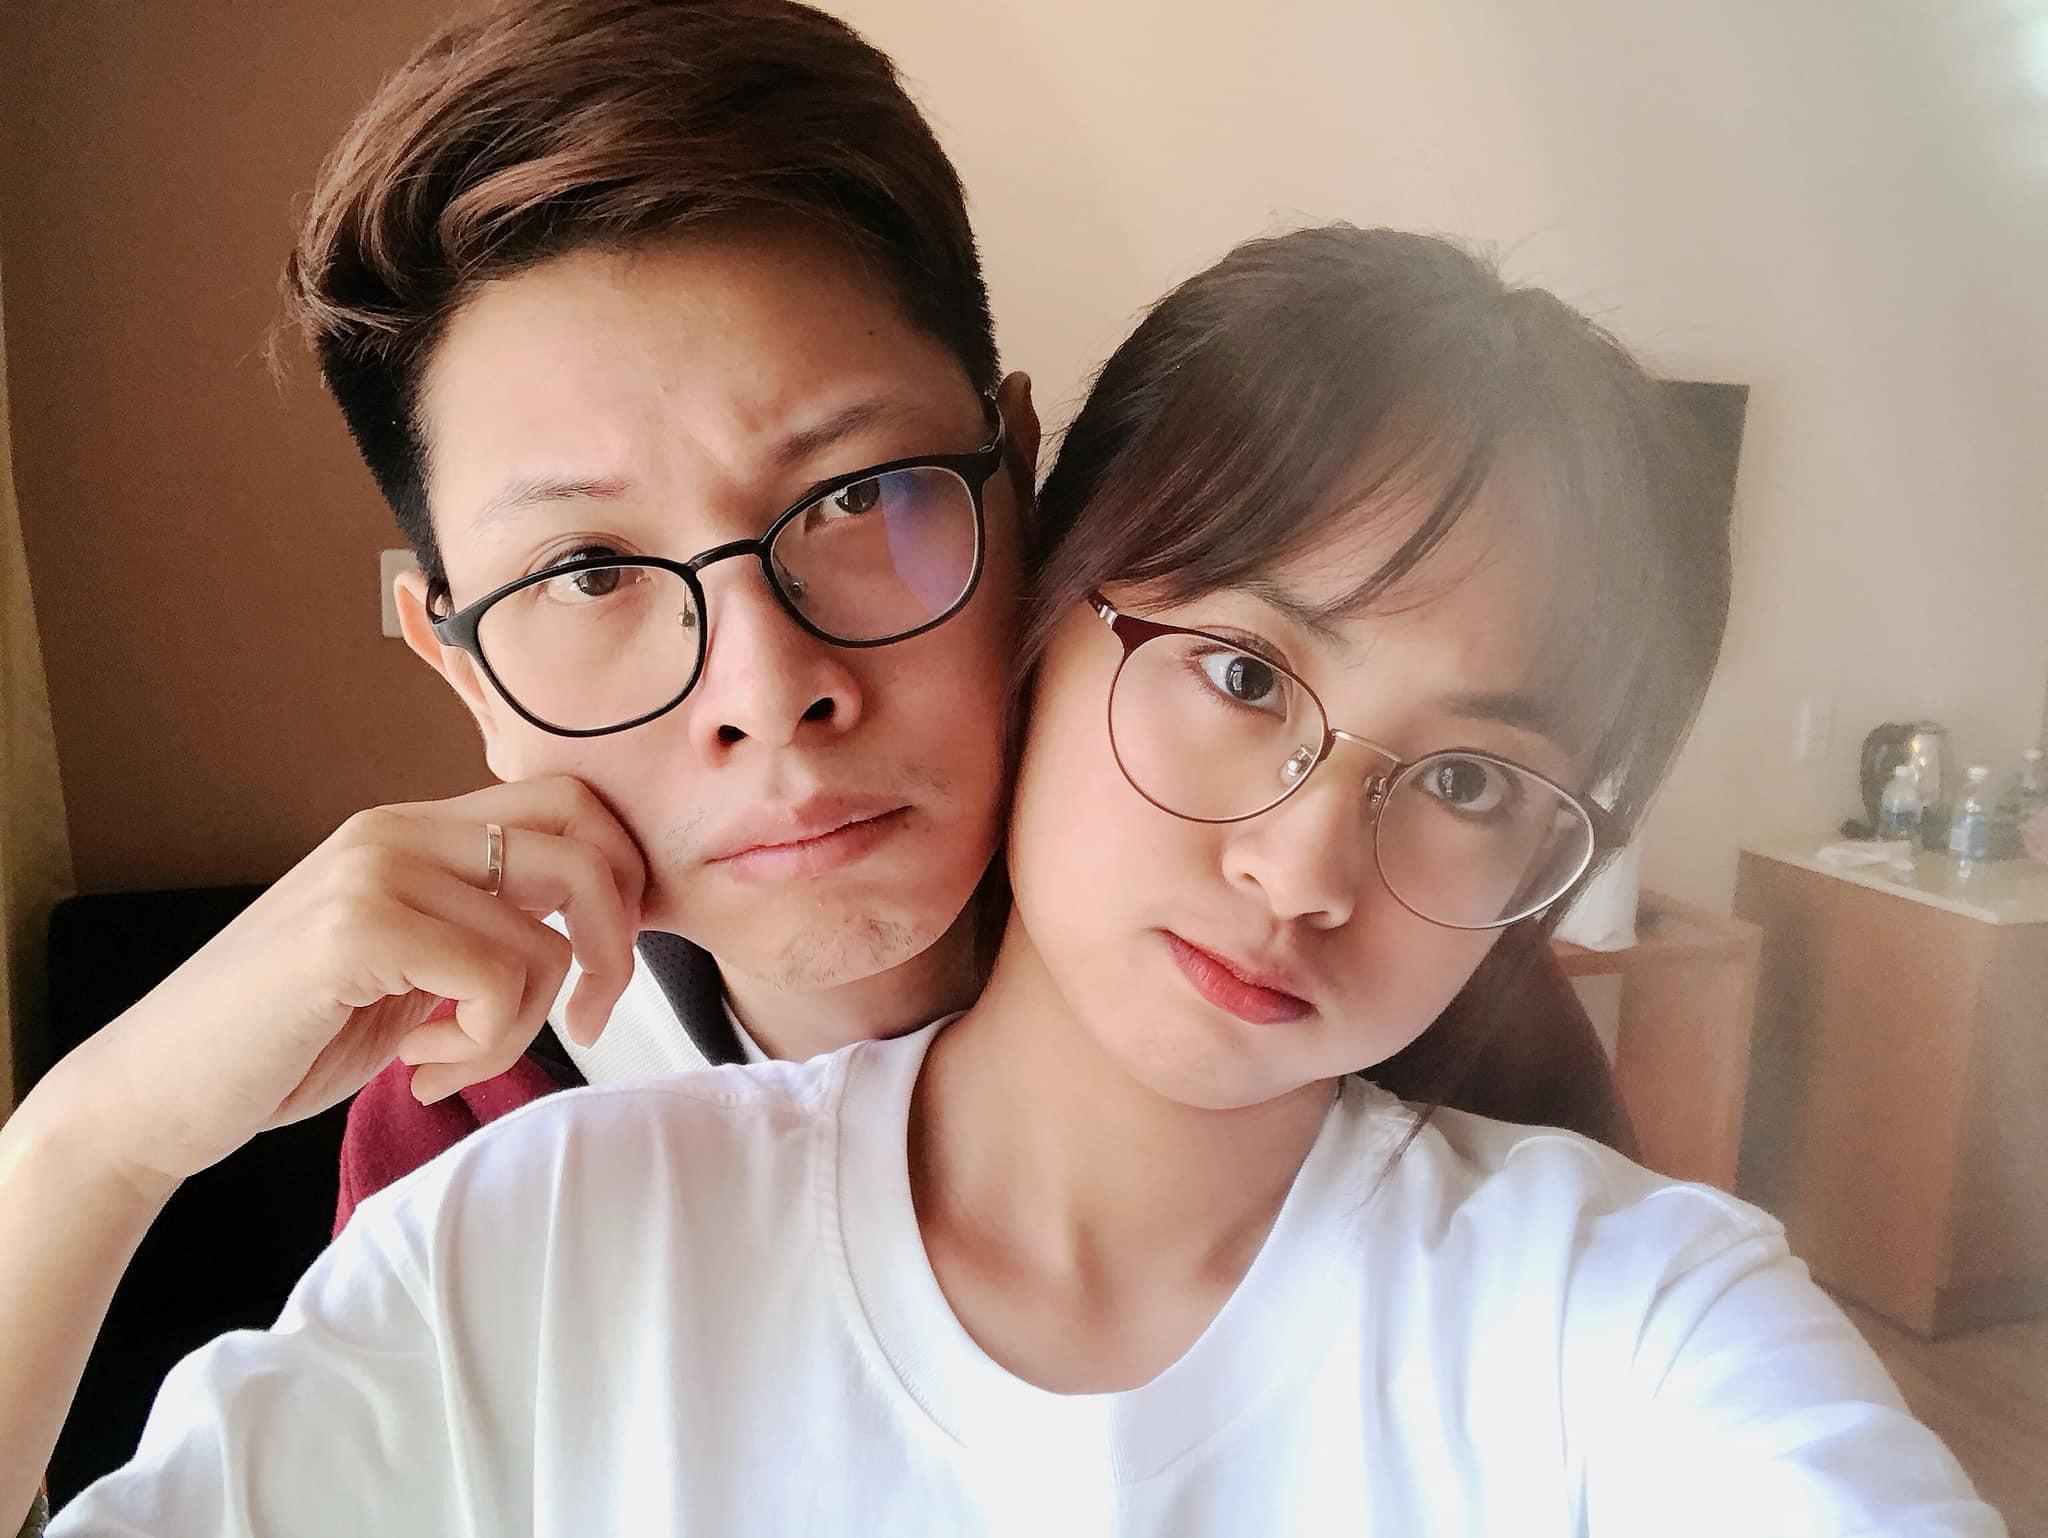 Vô tình bị 'mắc kẹt' cùng nhau, Bomman và Minh Nghi phát cẩu lương 'miễn phí' 0